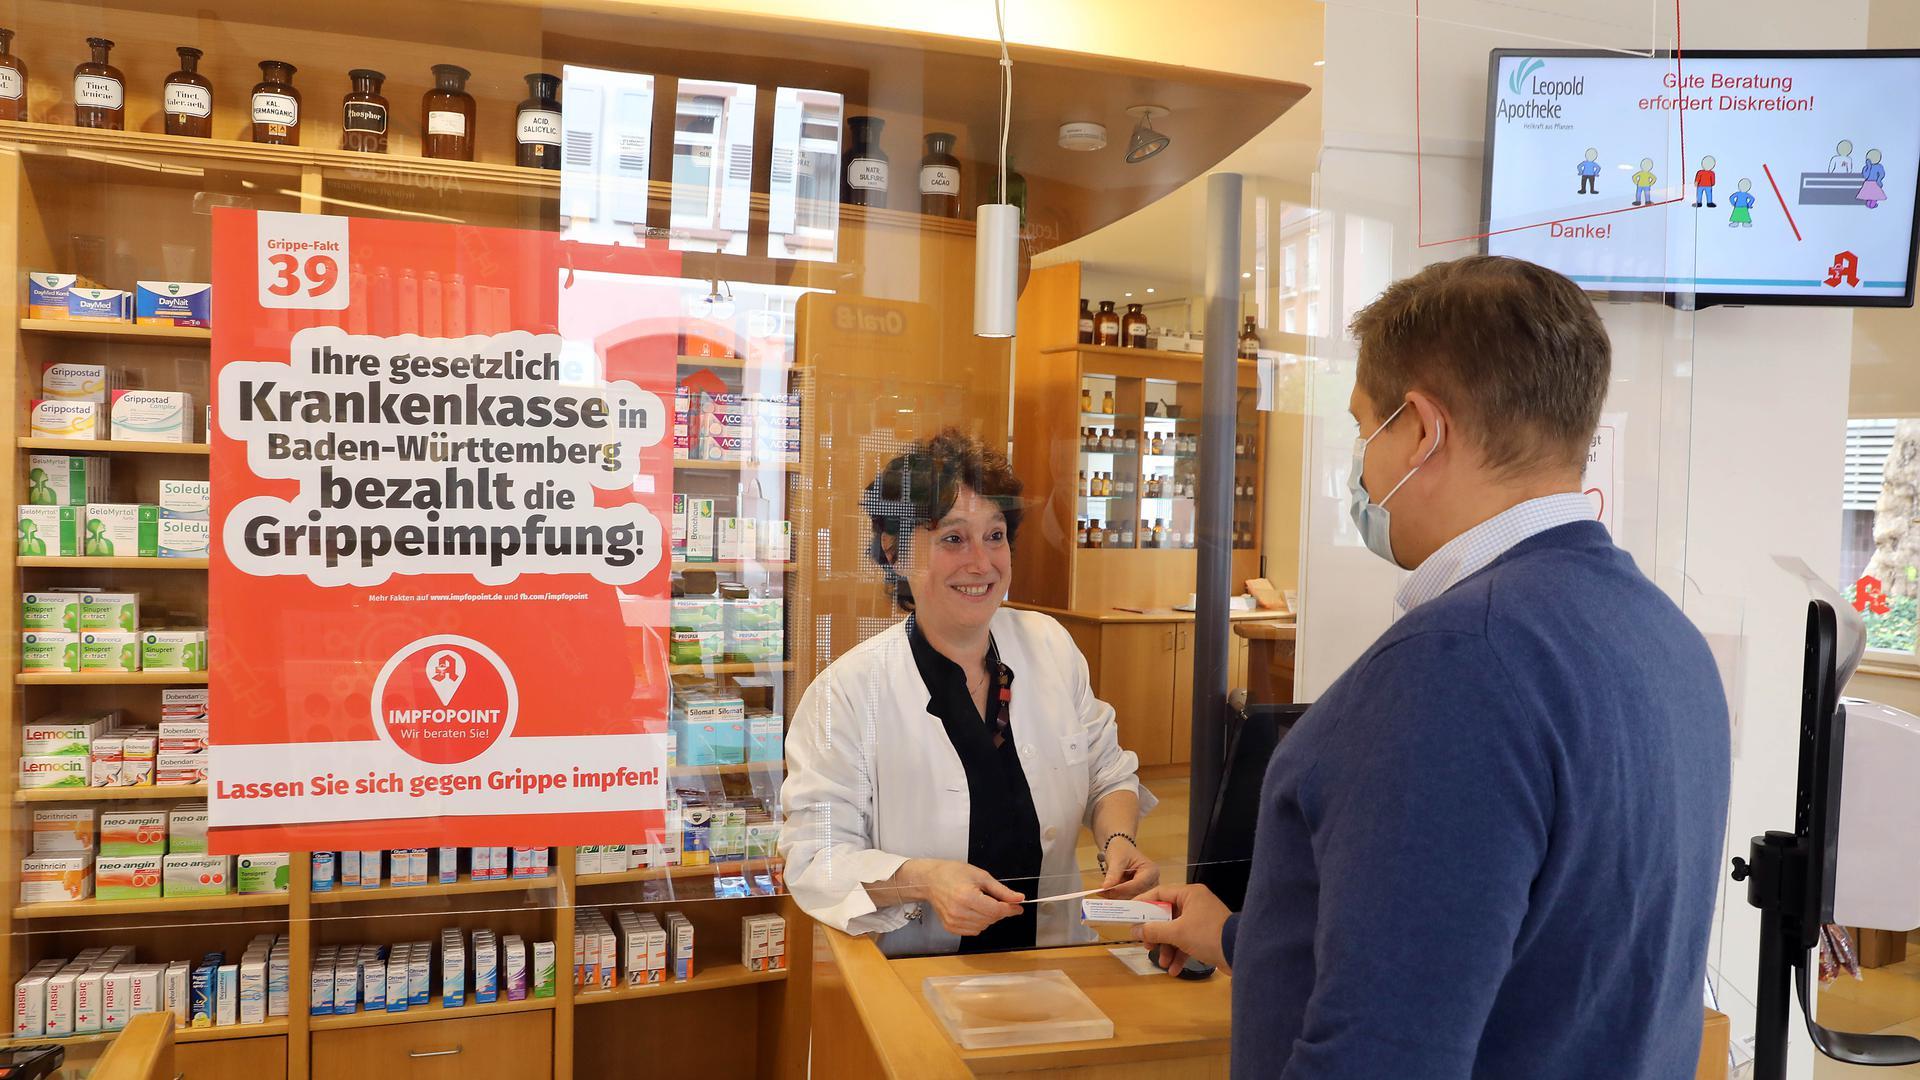 Kunde und Verkäuferin in einer Karlsruher Apotheke.